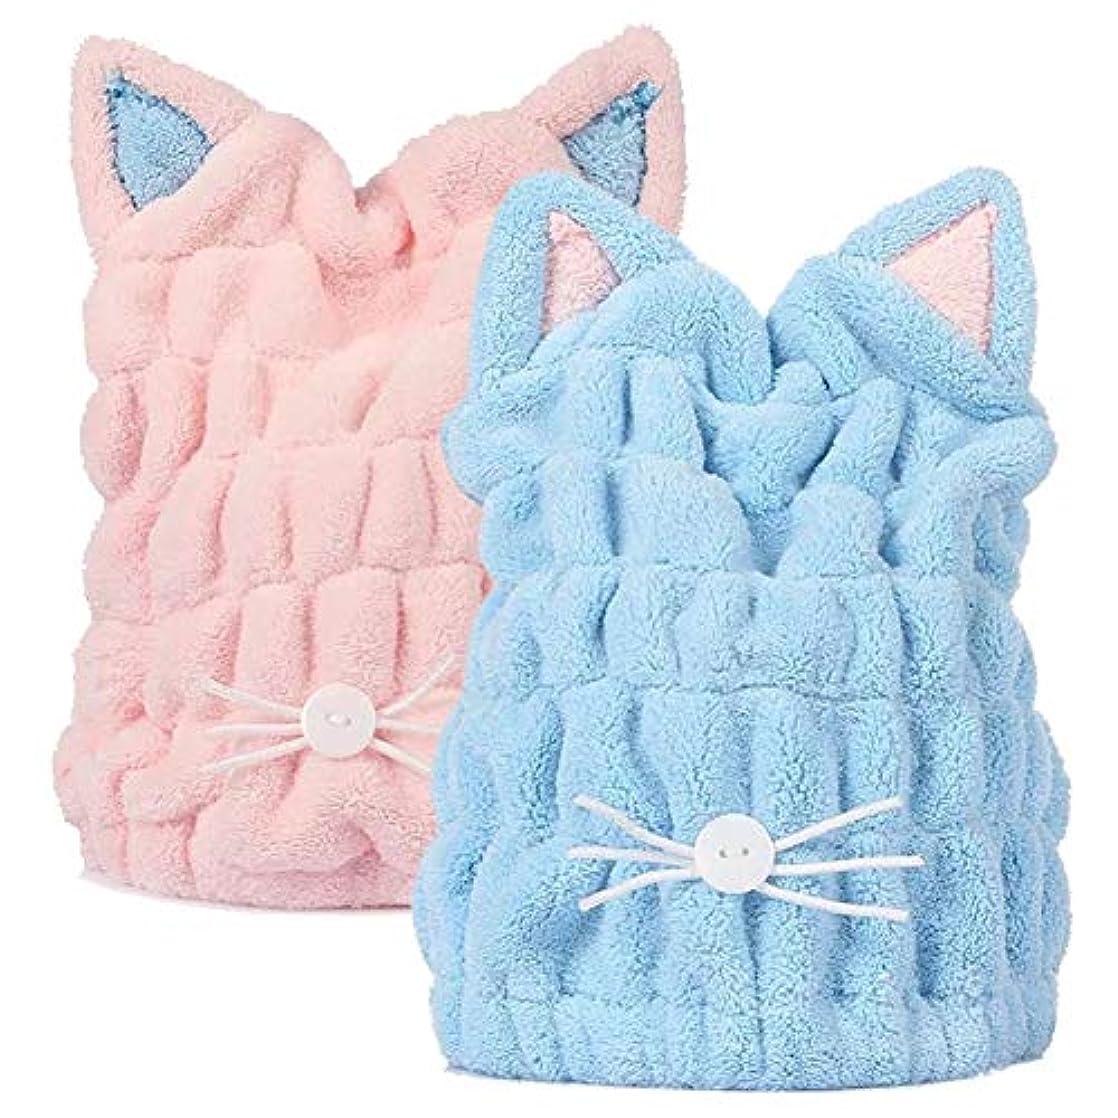 許すマトロン道路JIEMEIRUI ヘアドライタオル 大人も子供も使える シャワーキャップ タオルキャップ 風邪を防ぐ 吸水 速乾 髪 ふわもこ ドライキャップ ヘアターバン 強い吸水性 お風呂上がり バス用品 (猫ちゃんー2枚セット)